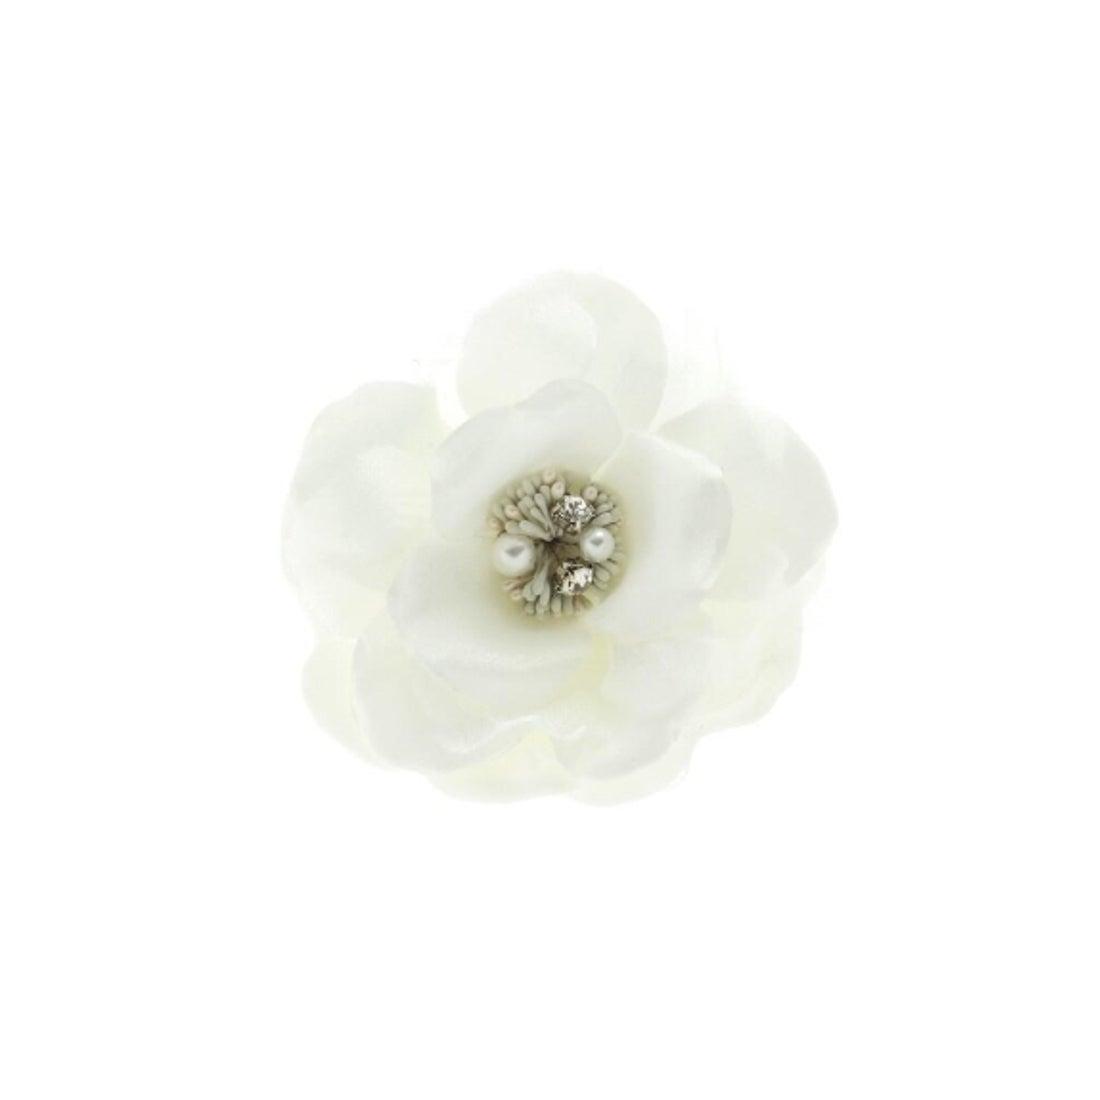 スーナウーナ SunaUna 【ママスーツ/入学式 スーツ/卒業式 スーツ】ピオニーコサージュ (オフホワイト)